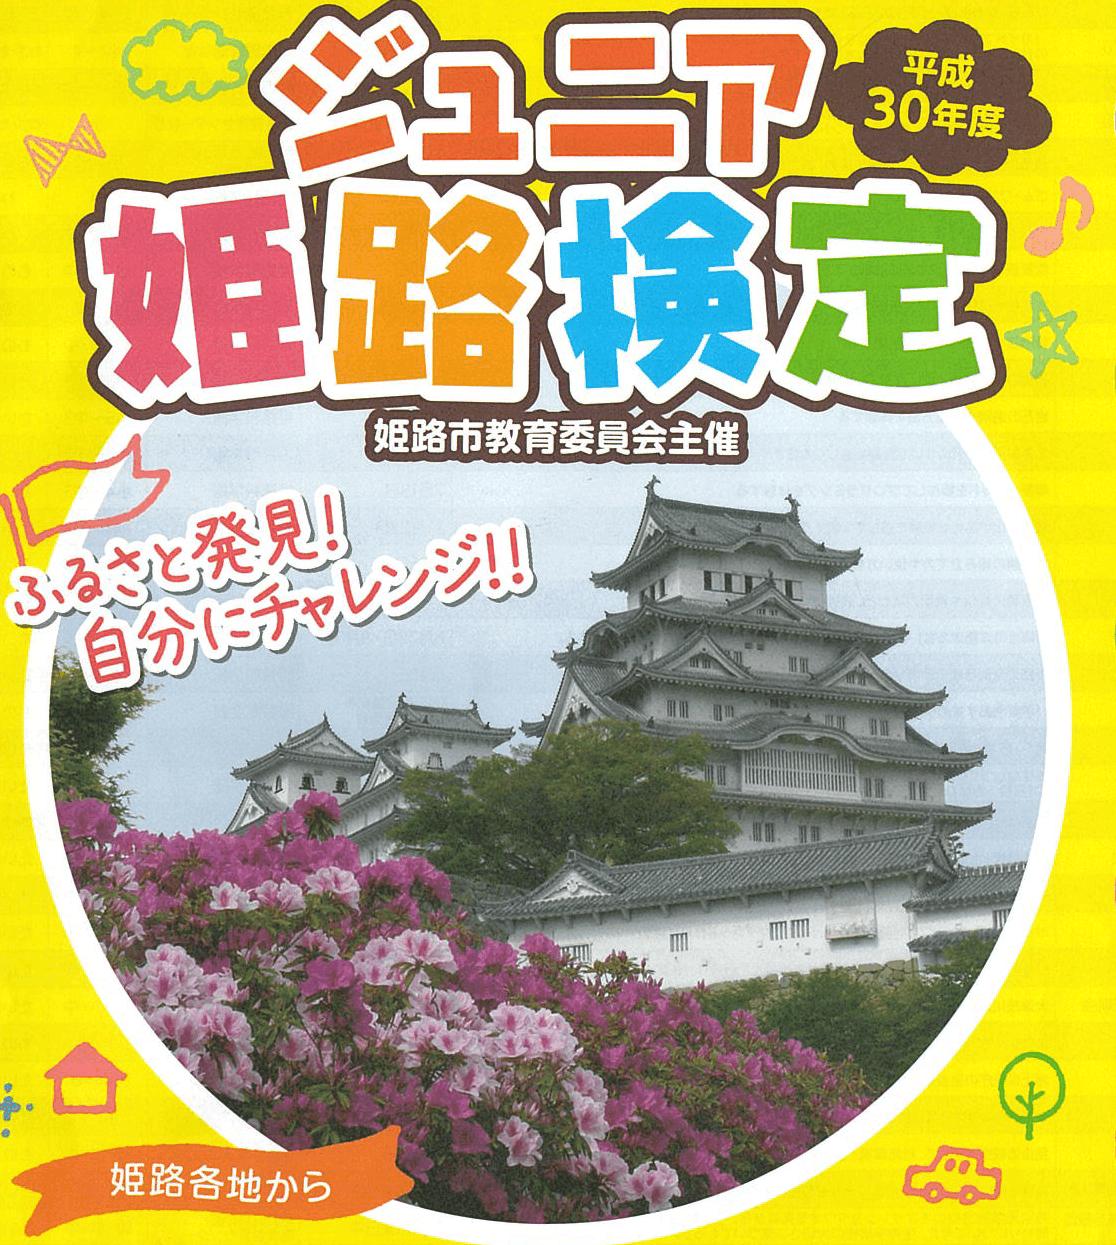 無料で遊ぶ夏休み【ジュニア姫路検定】2018姫路市立手柄山温室植物園